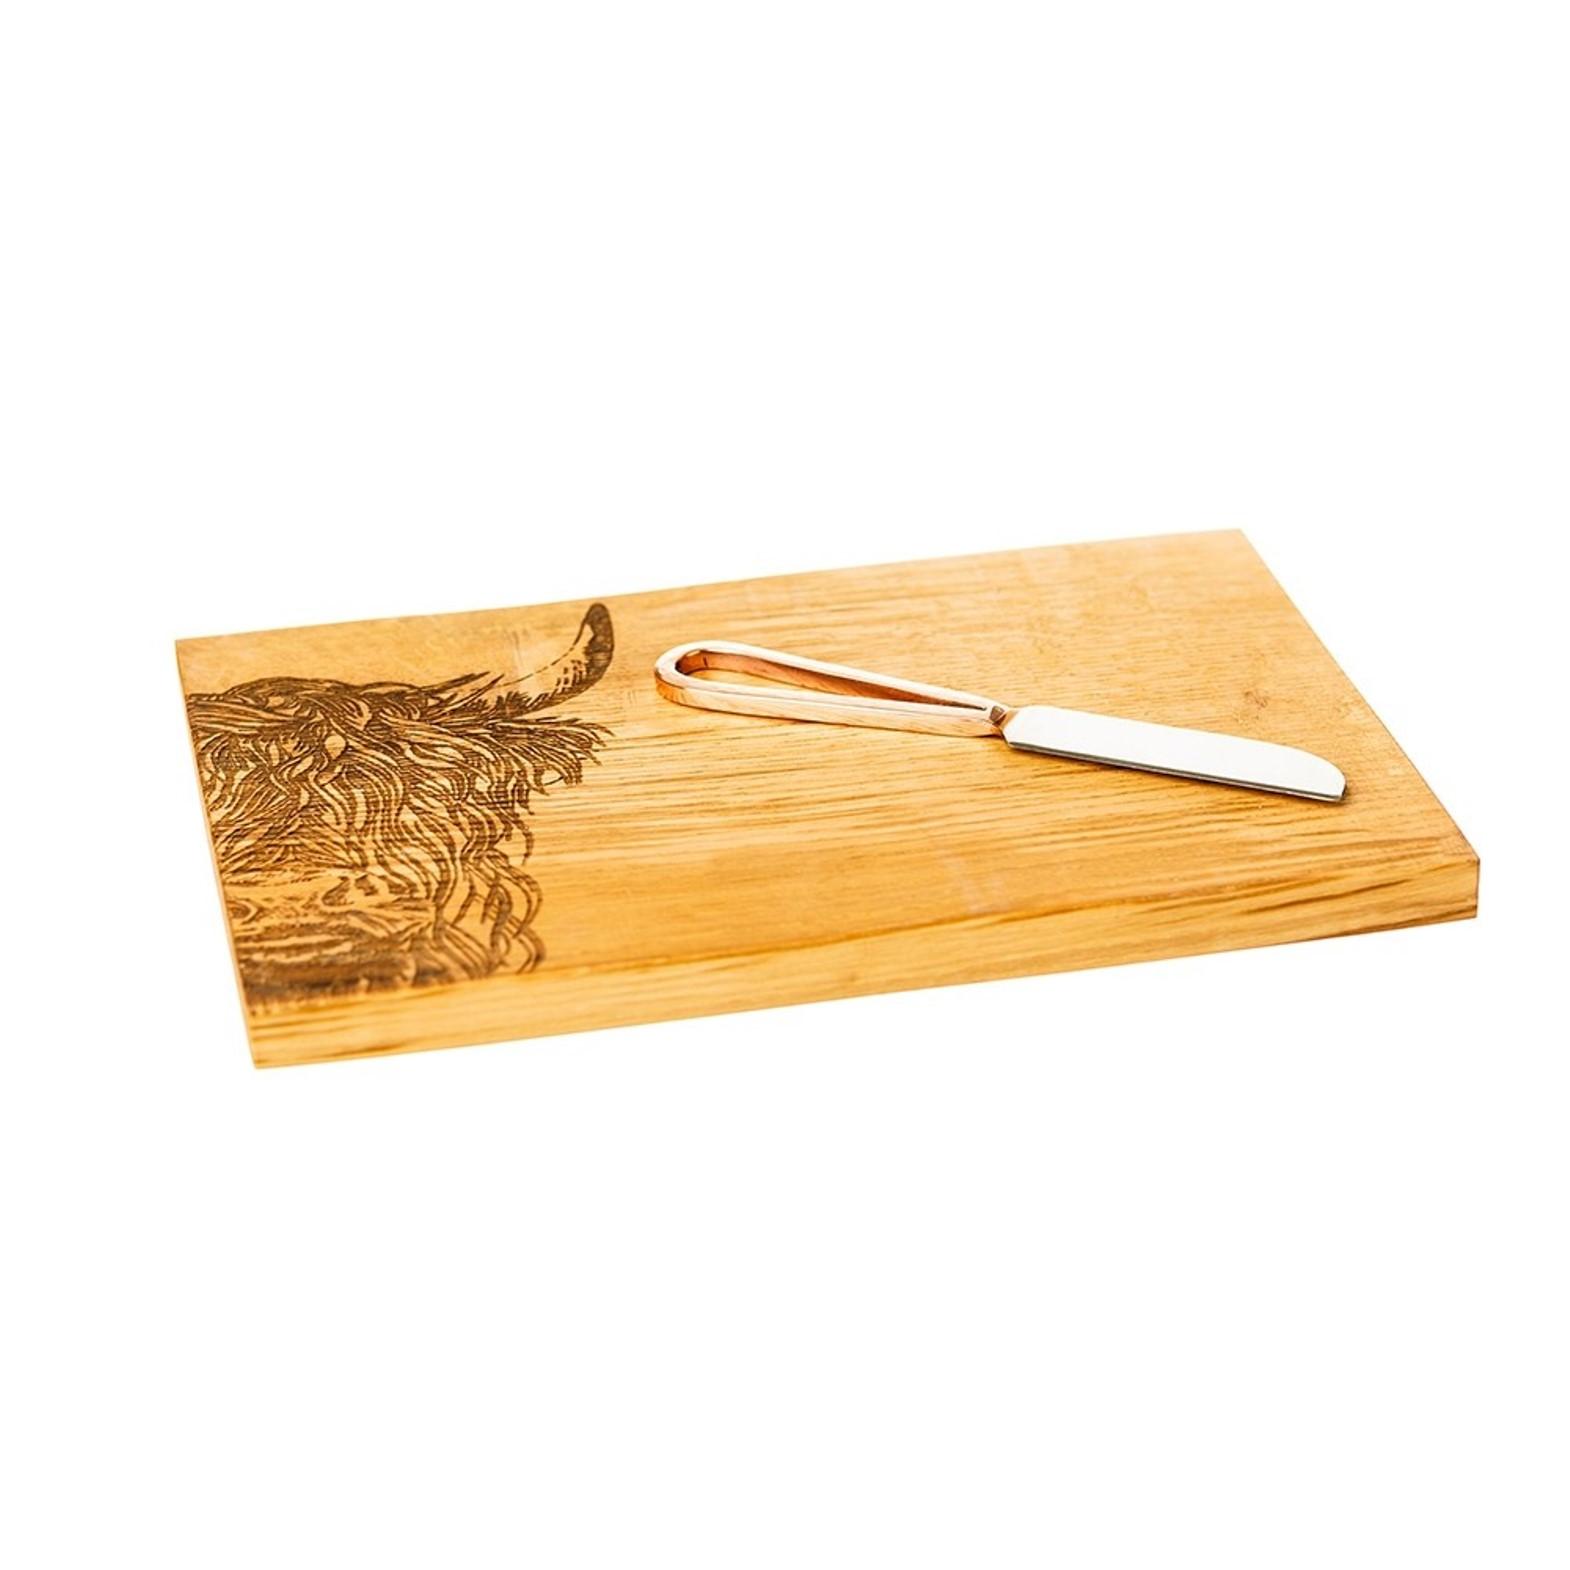 """Онлайн каталог PROMENU: Набор: доска деревянная с гравировкой """"Горная корова"""" (30х20х2 см) и нож для сыра (9 см), бежевый, 2 предмета Scottish Made JS/SO/CBK/HC"""